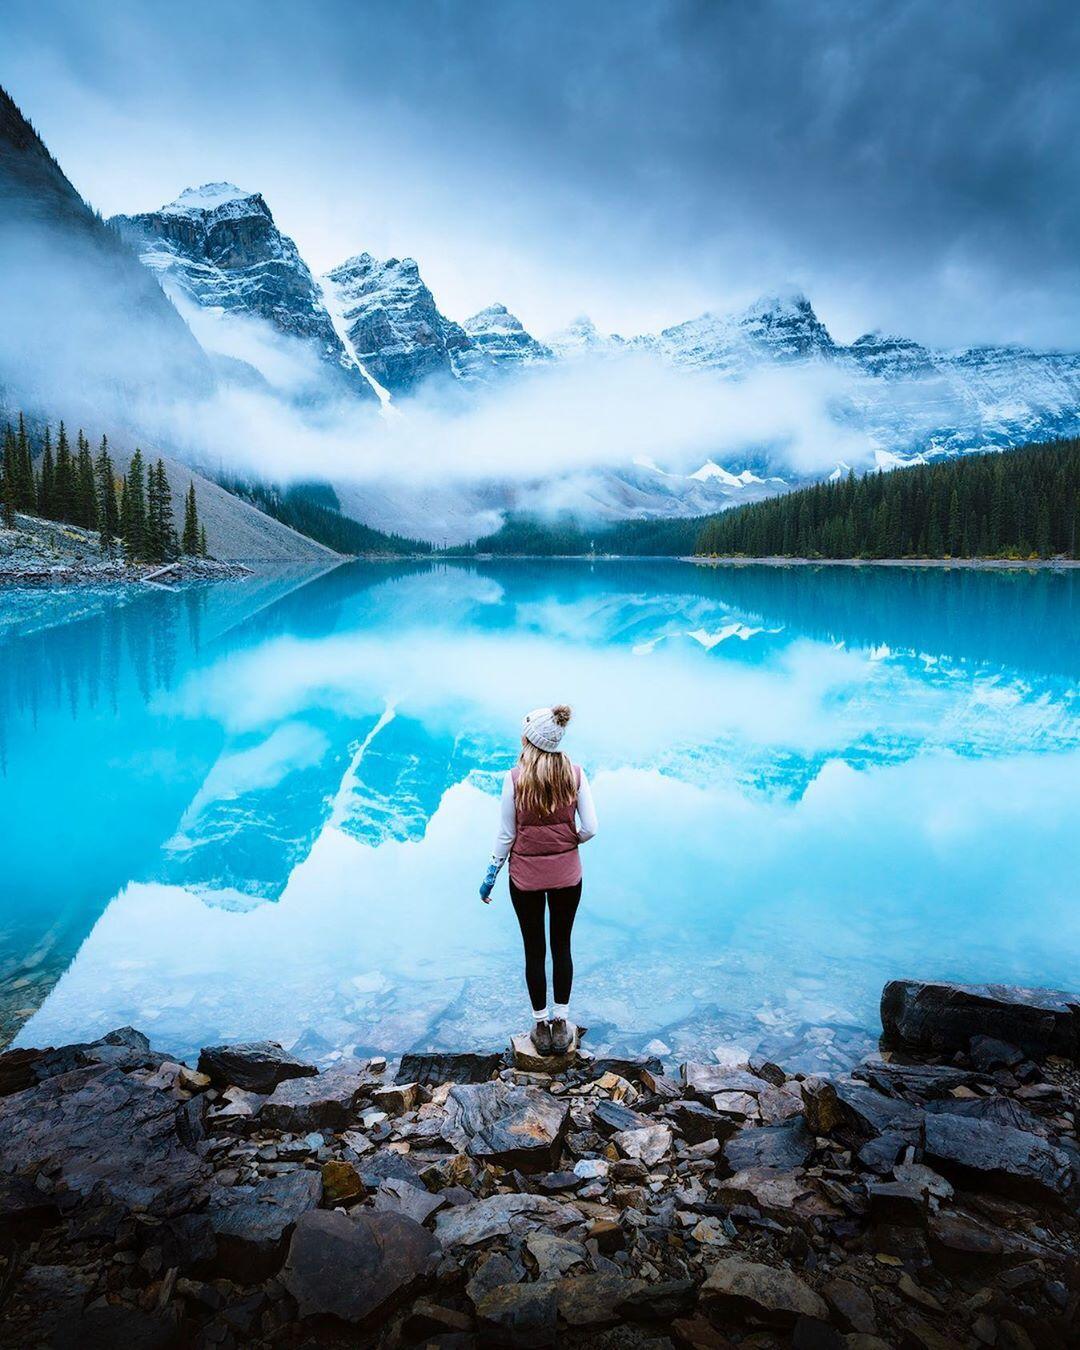 Фотопейзажи из путешествий Мэттью Хэннела пейзажи,природа,тревел-фото